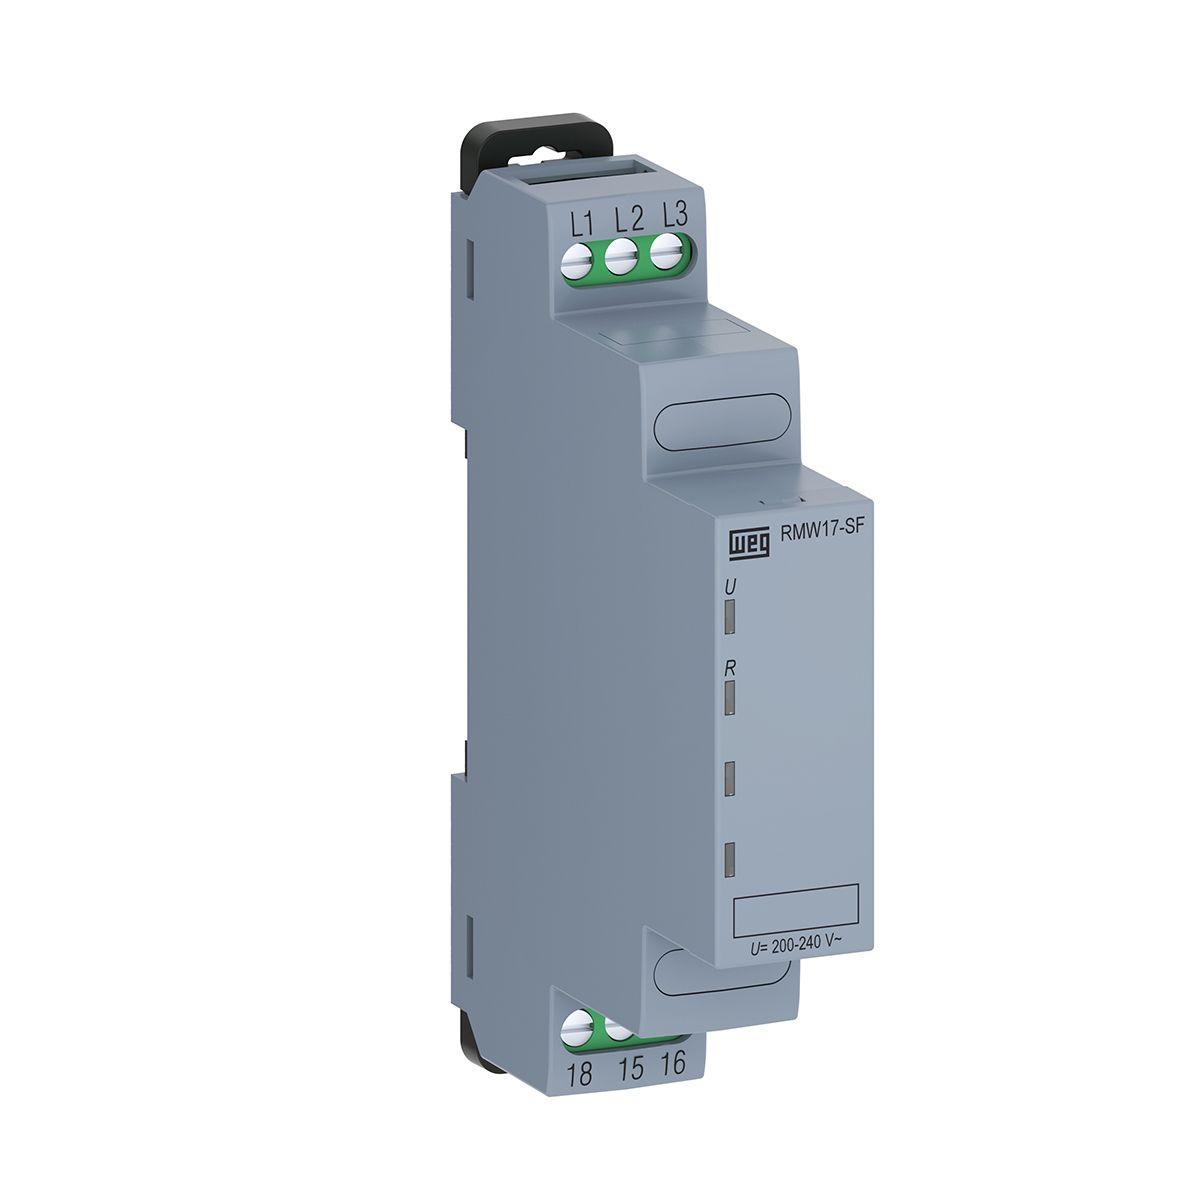 Rele Proteção Sequência de Fase RMW17-SF 220V WEG